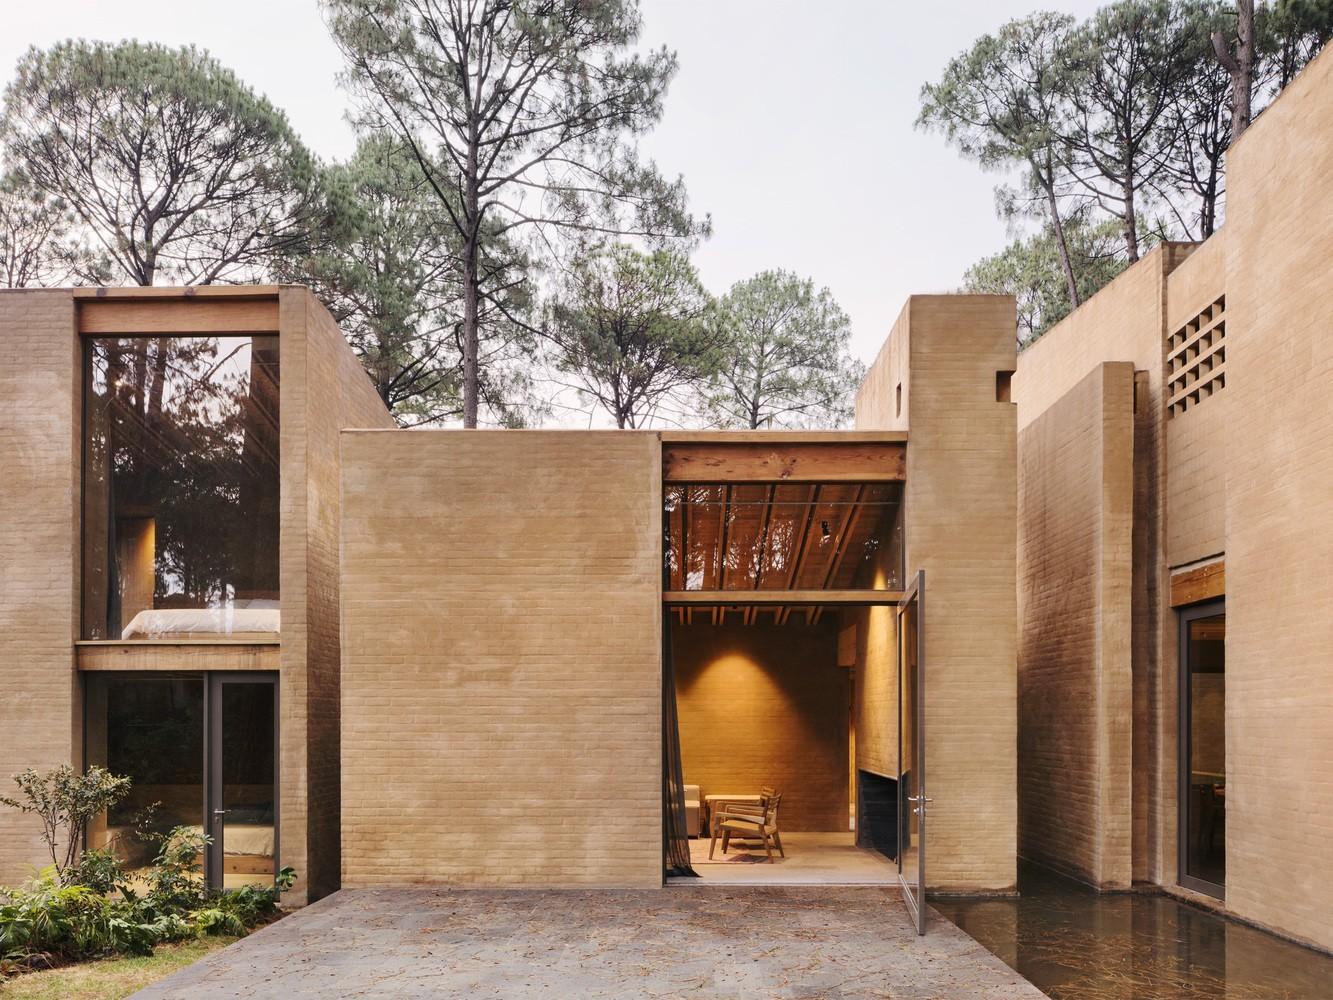 Moderne Häuser - Architektur-Inspiration aus Mexiko von Hector ...